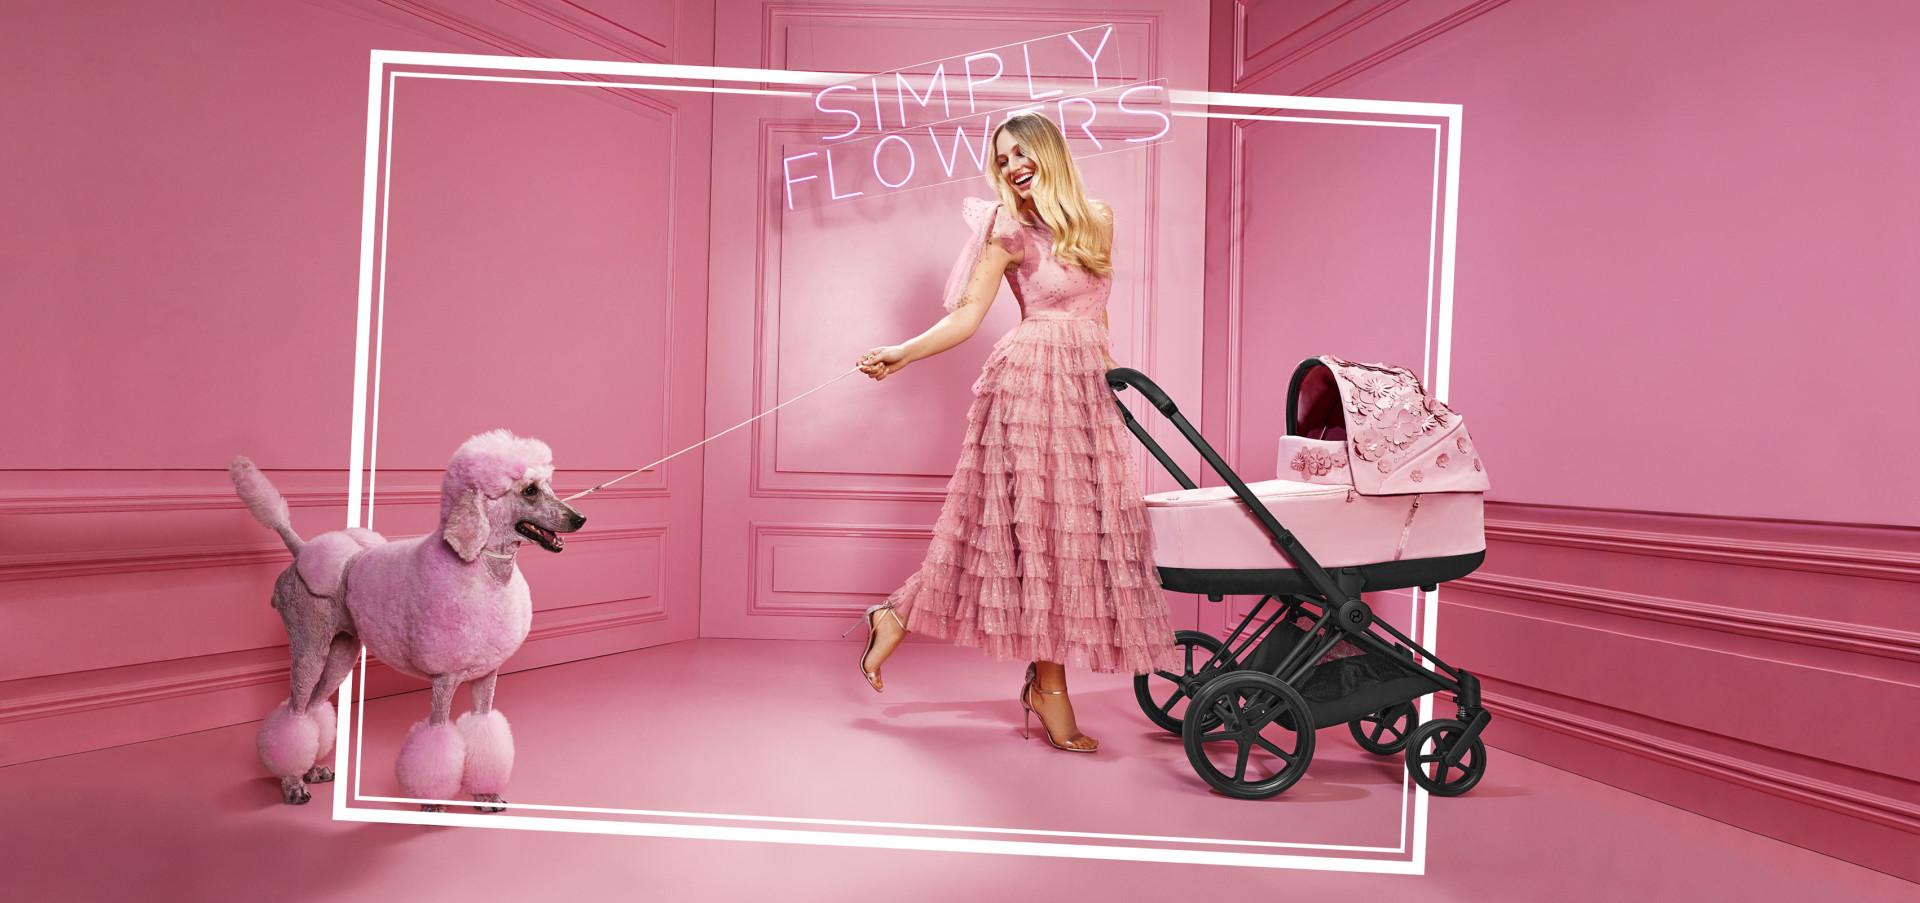 Η CYBEX παρουσιάζει ένα σύγχρονο παραμύθι: Τη νέα fashion συλλογή simply flowers